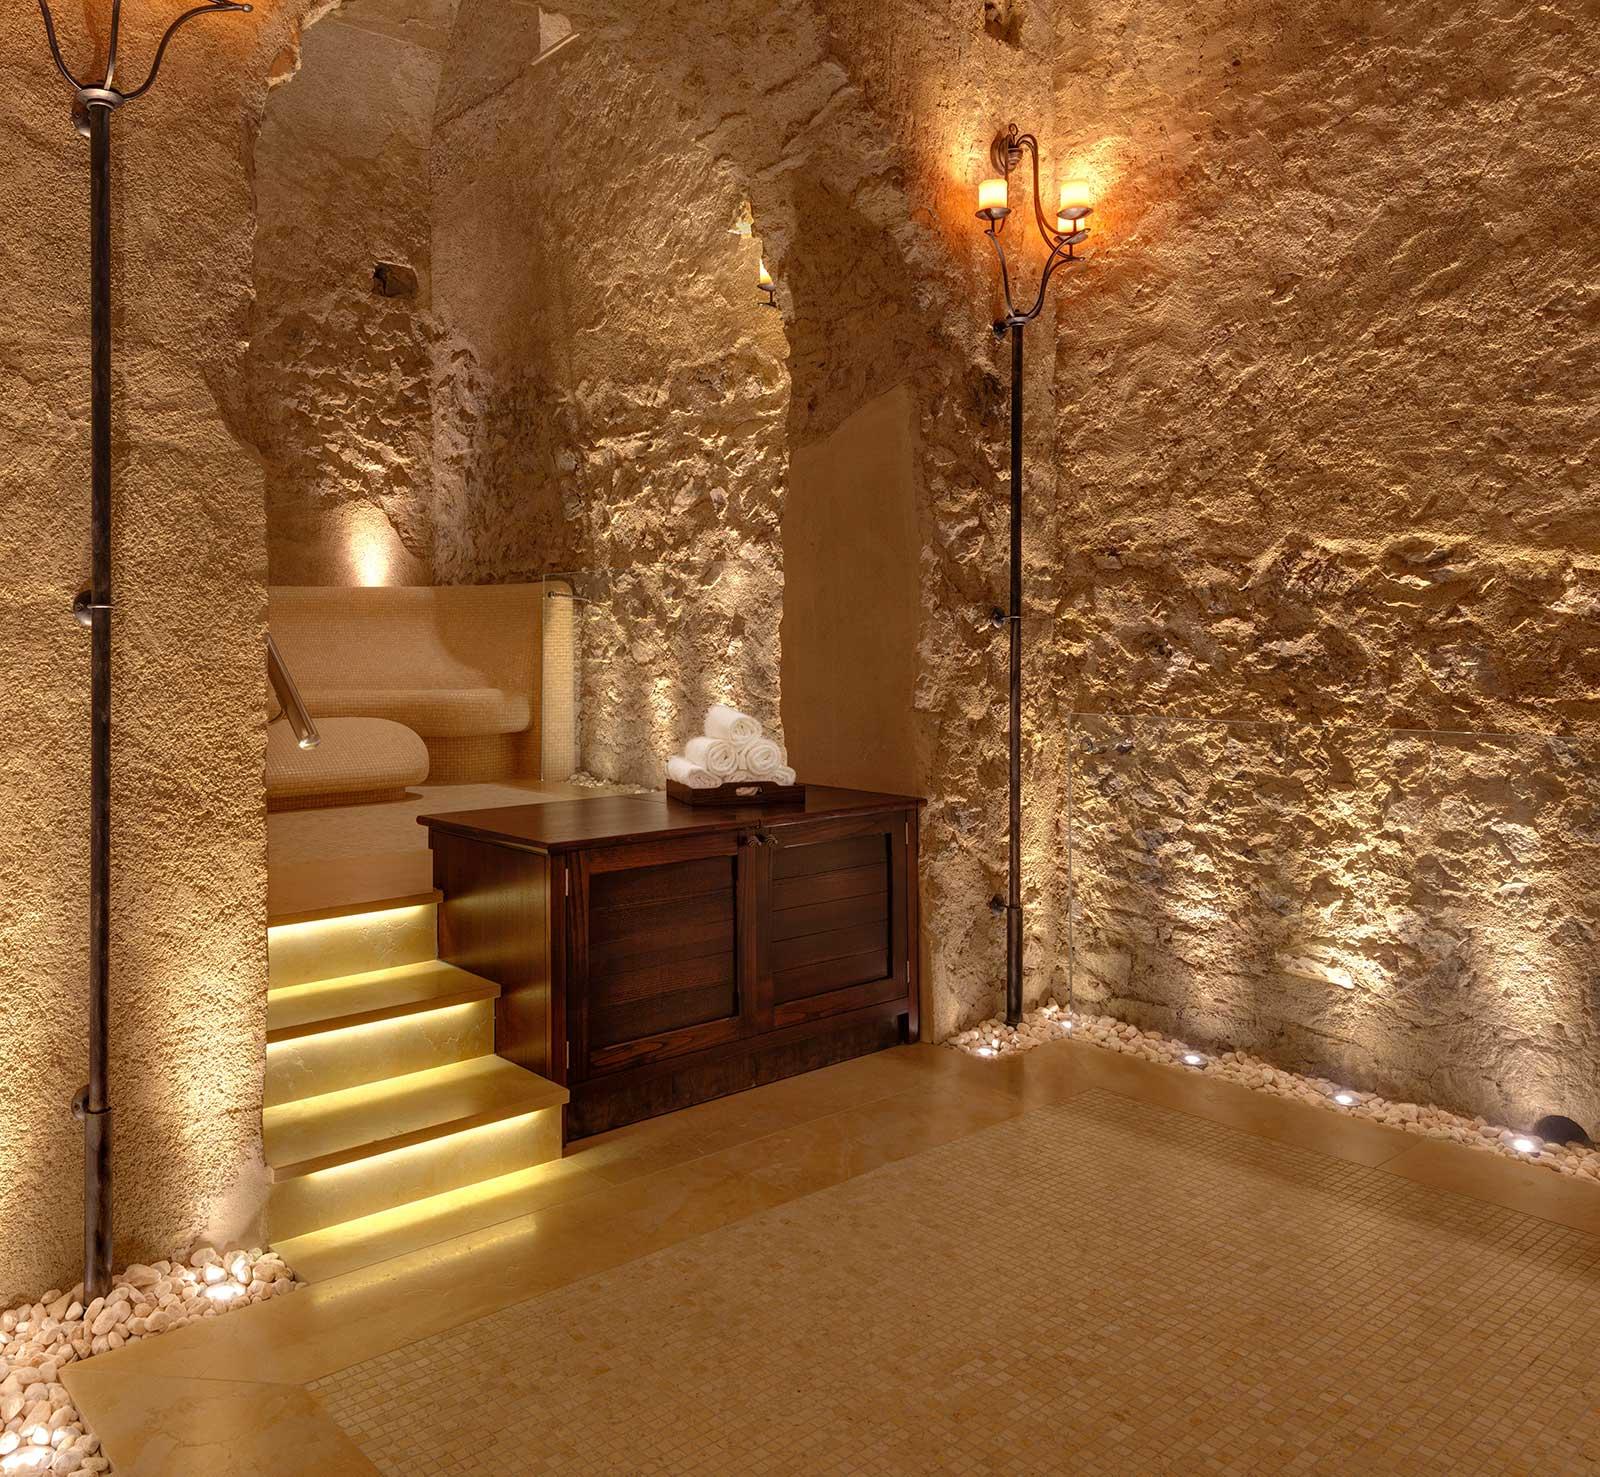 monastero santa rosa hotel spa 5 stars hotels amalfi italy